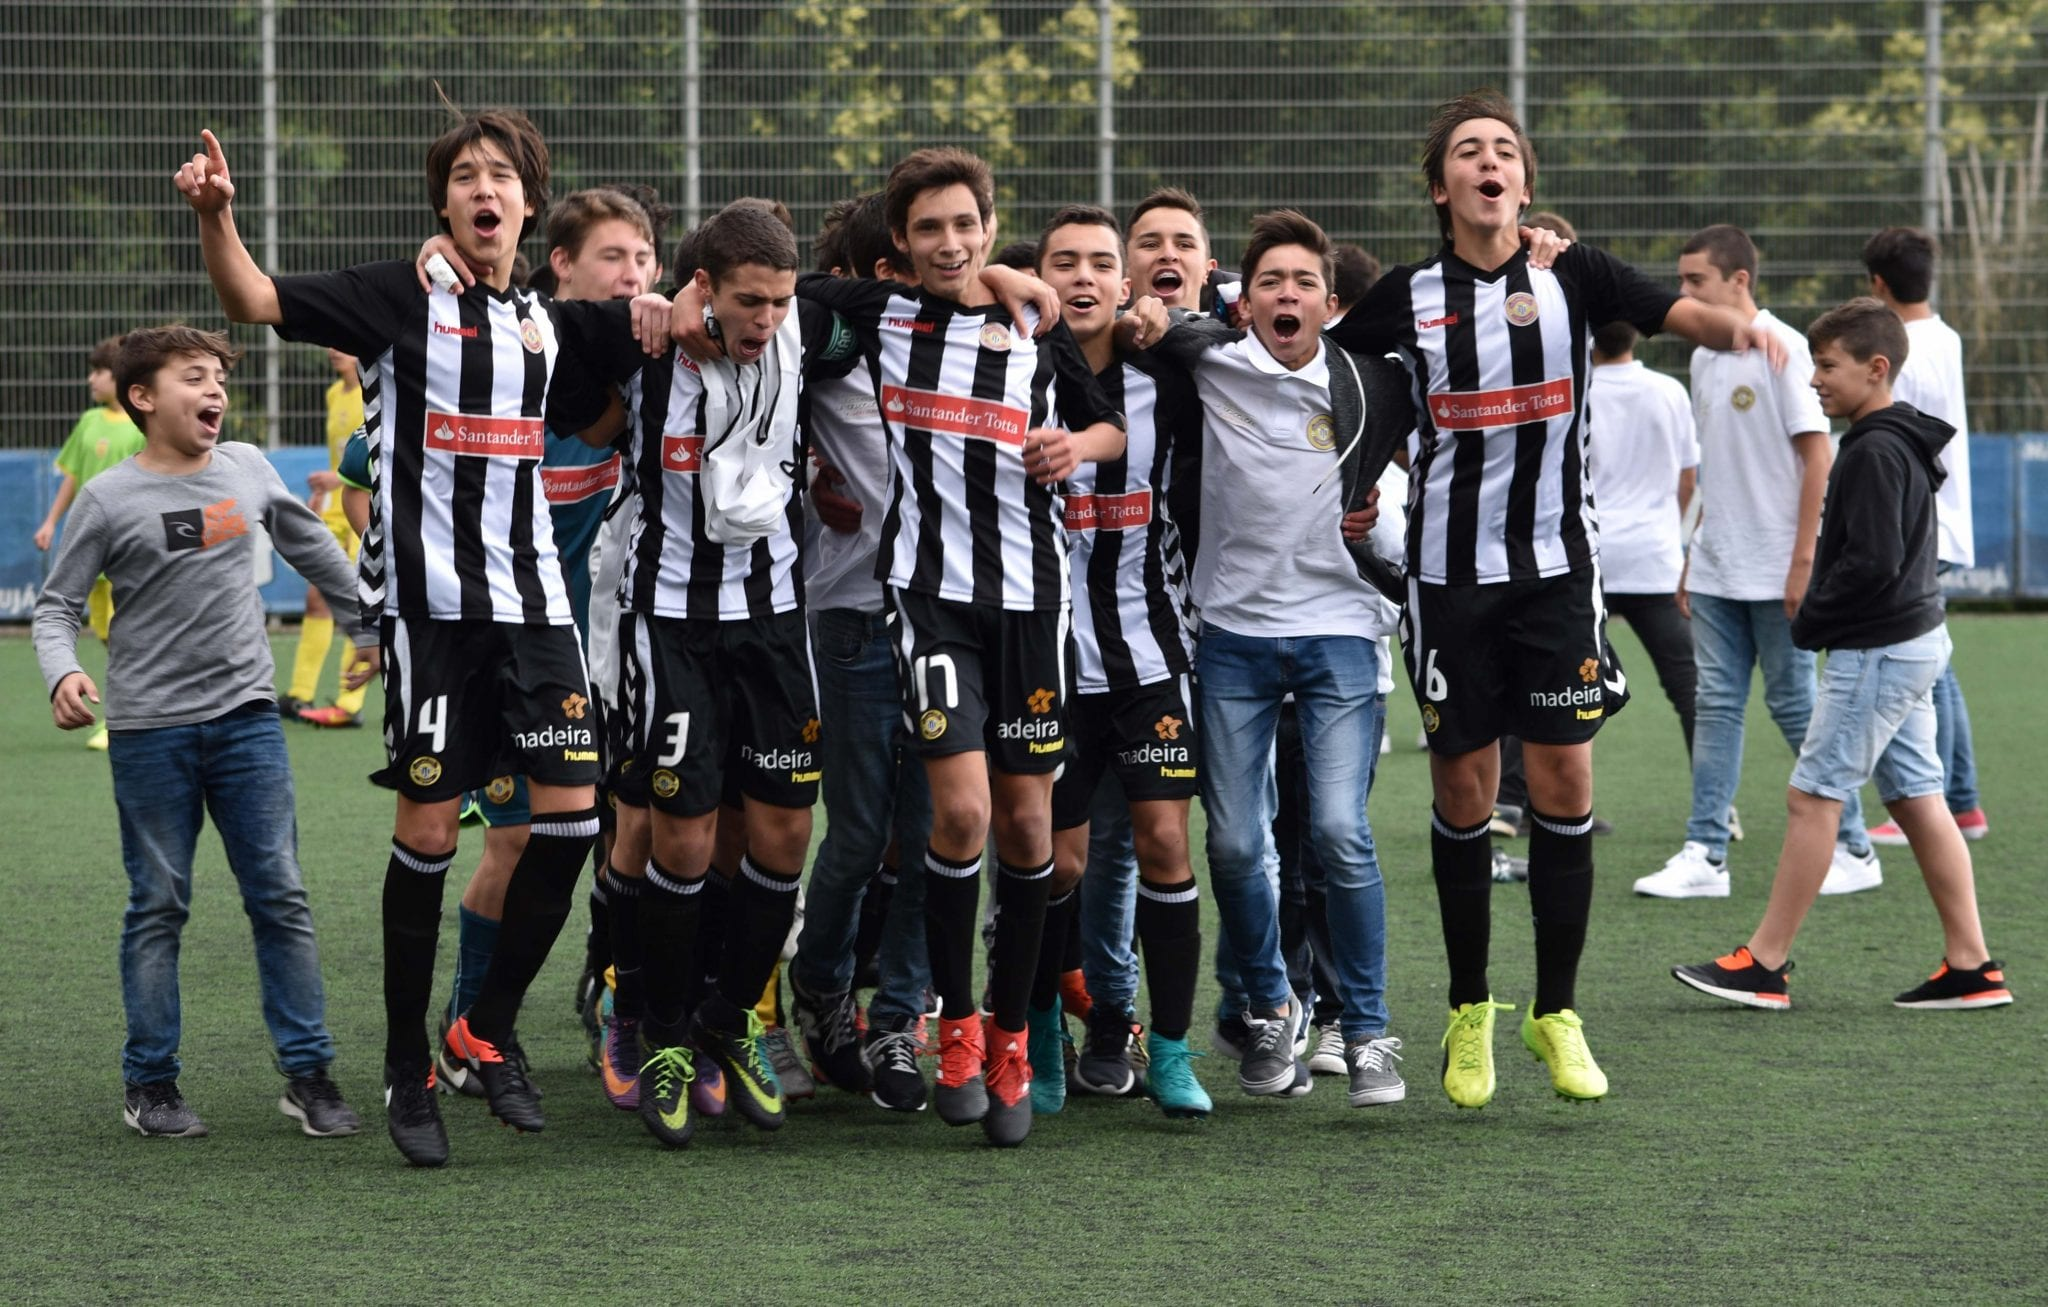 escolas de futebol nacional da madeira